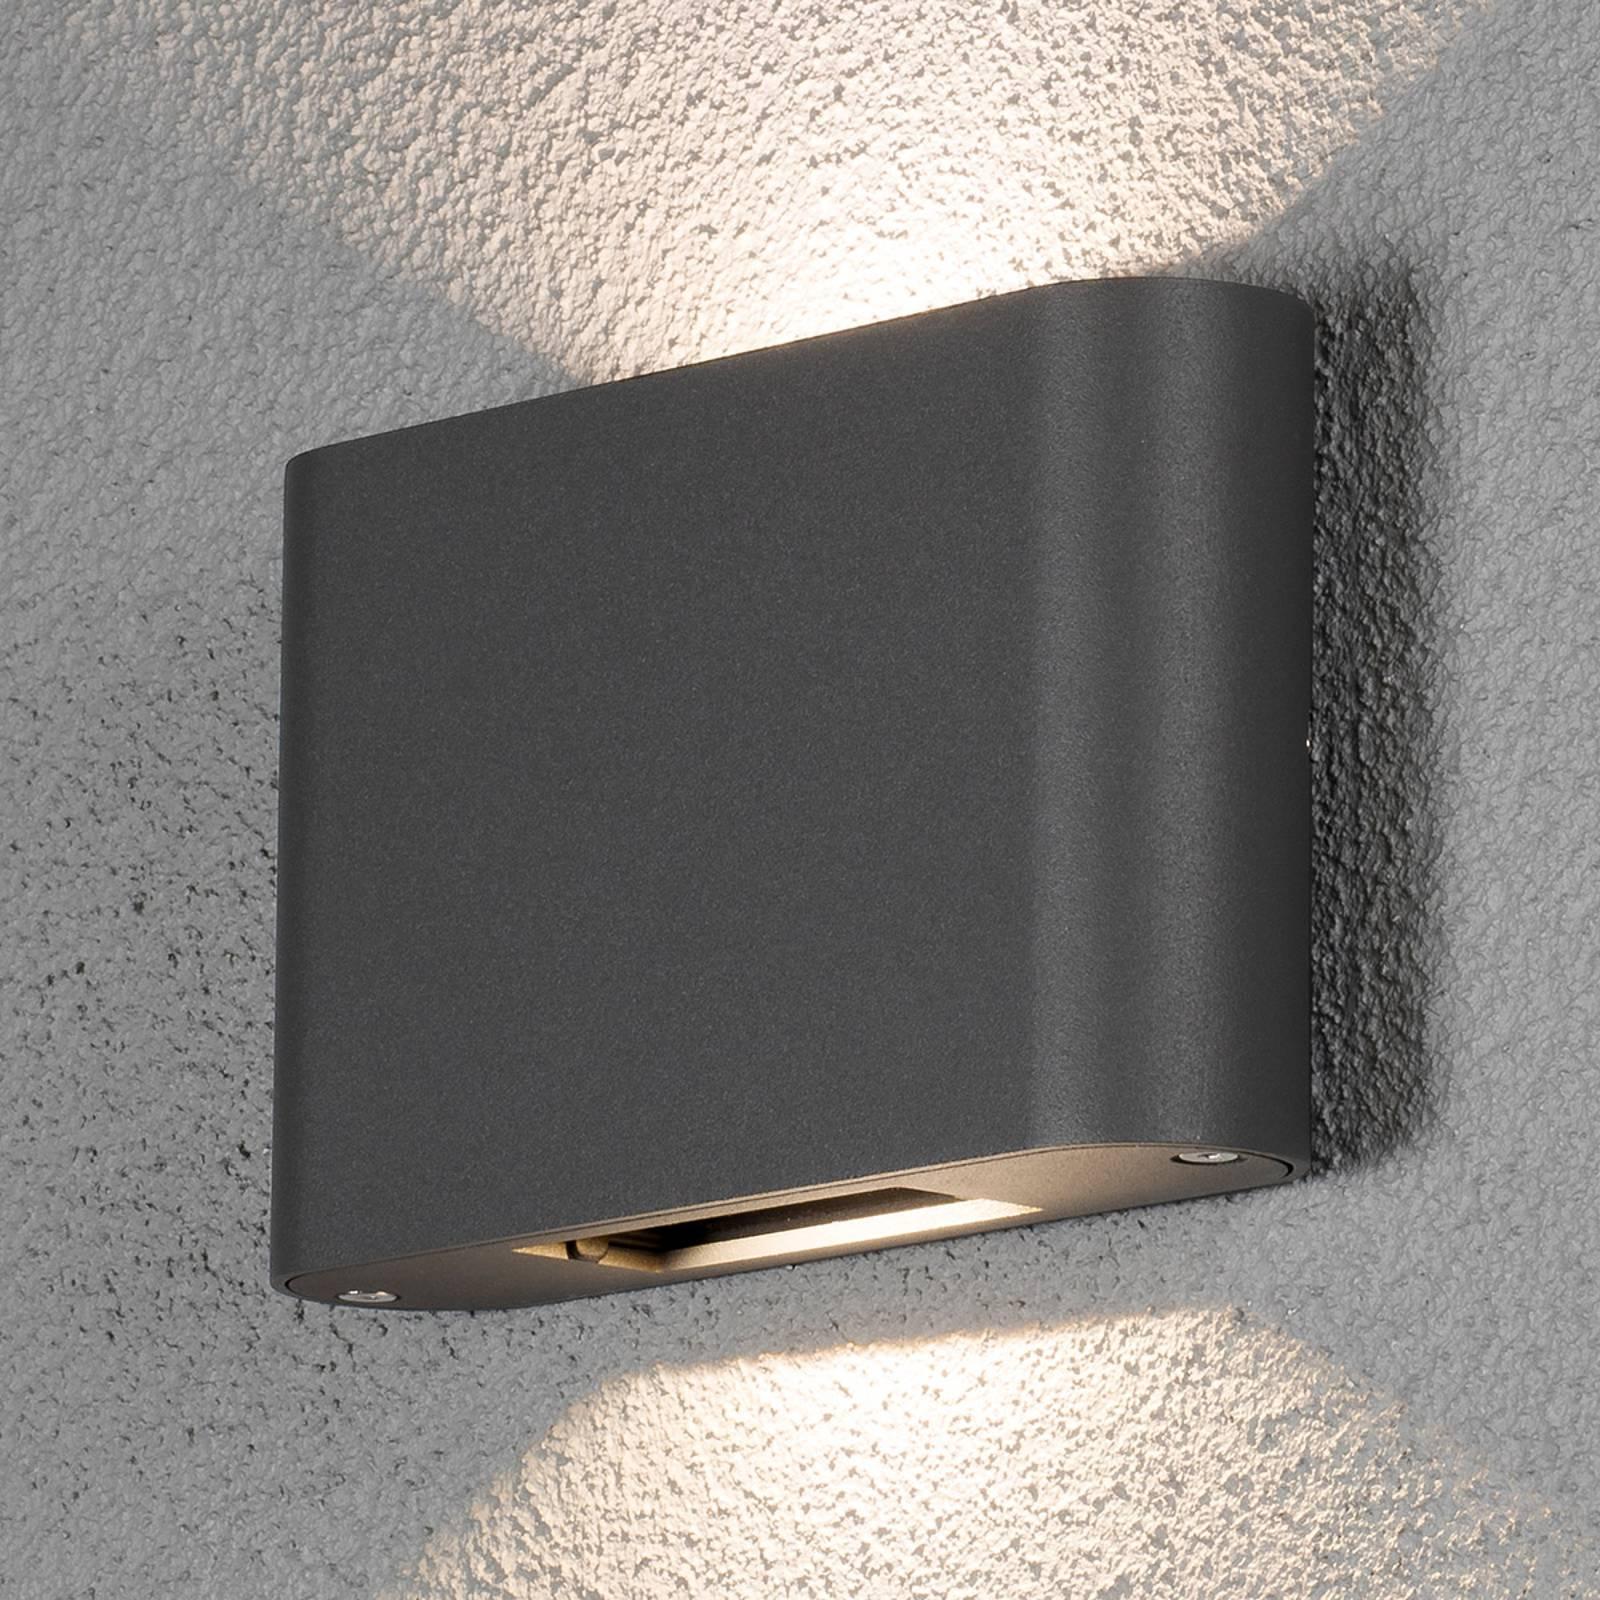 Applique d'ext. LED Chieri 2 l. 18cm anthracite